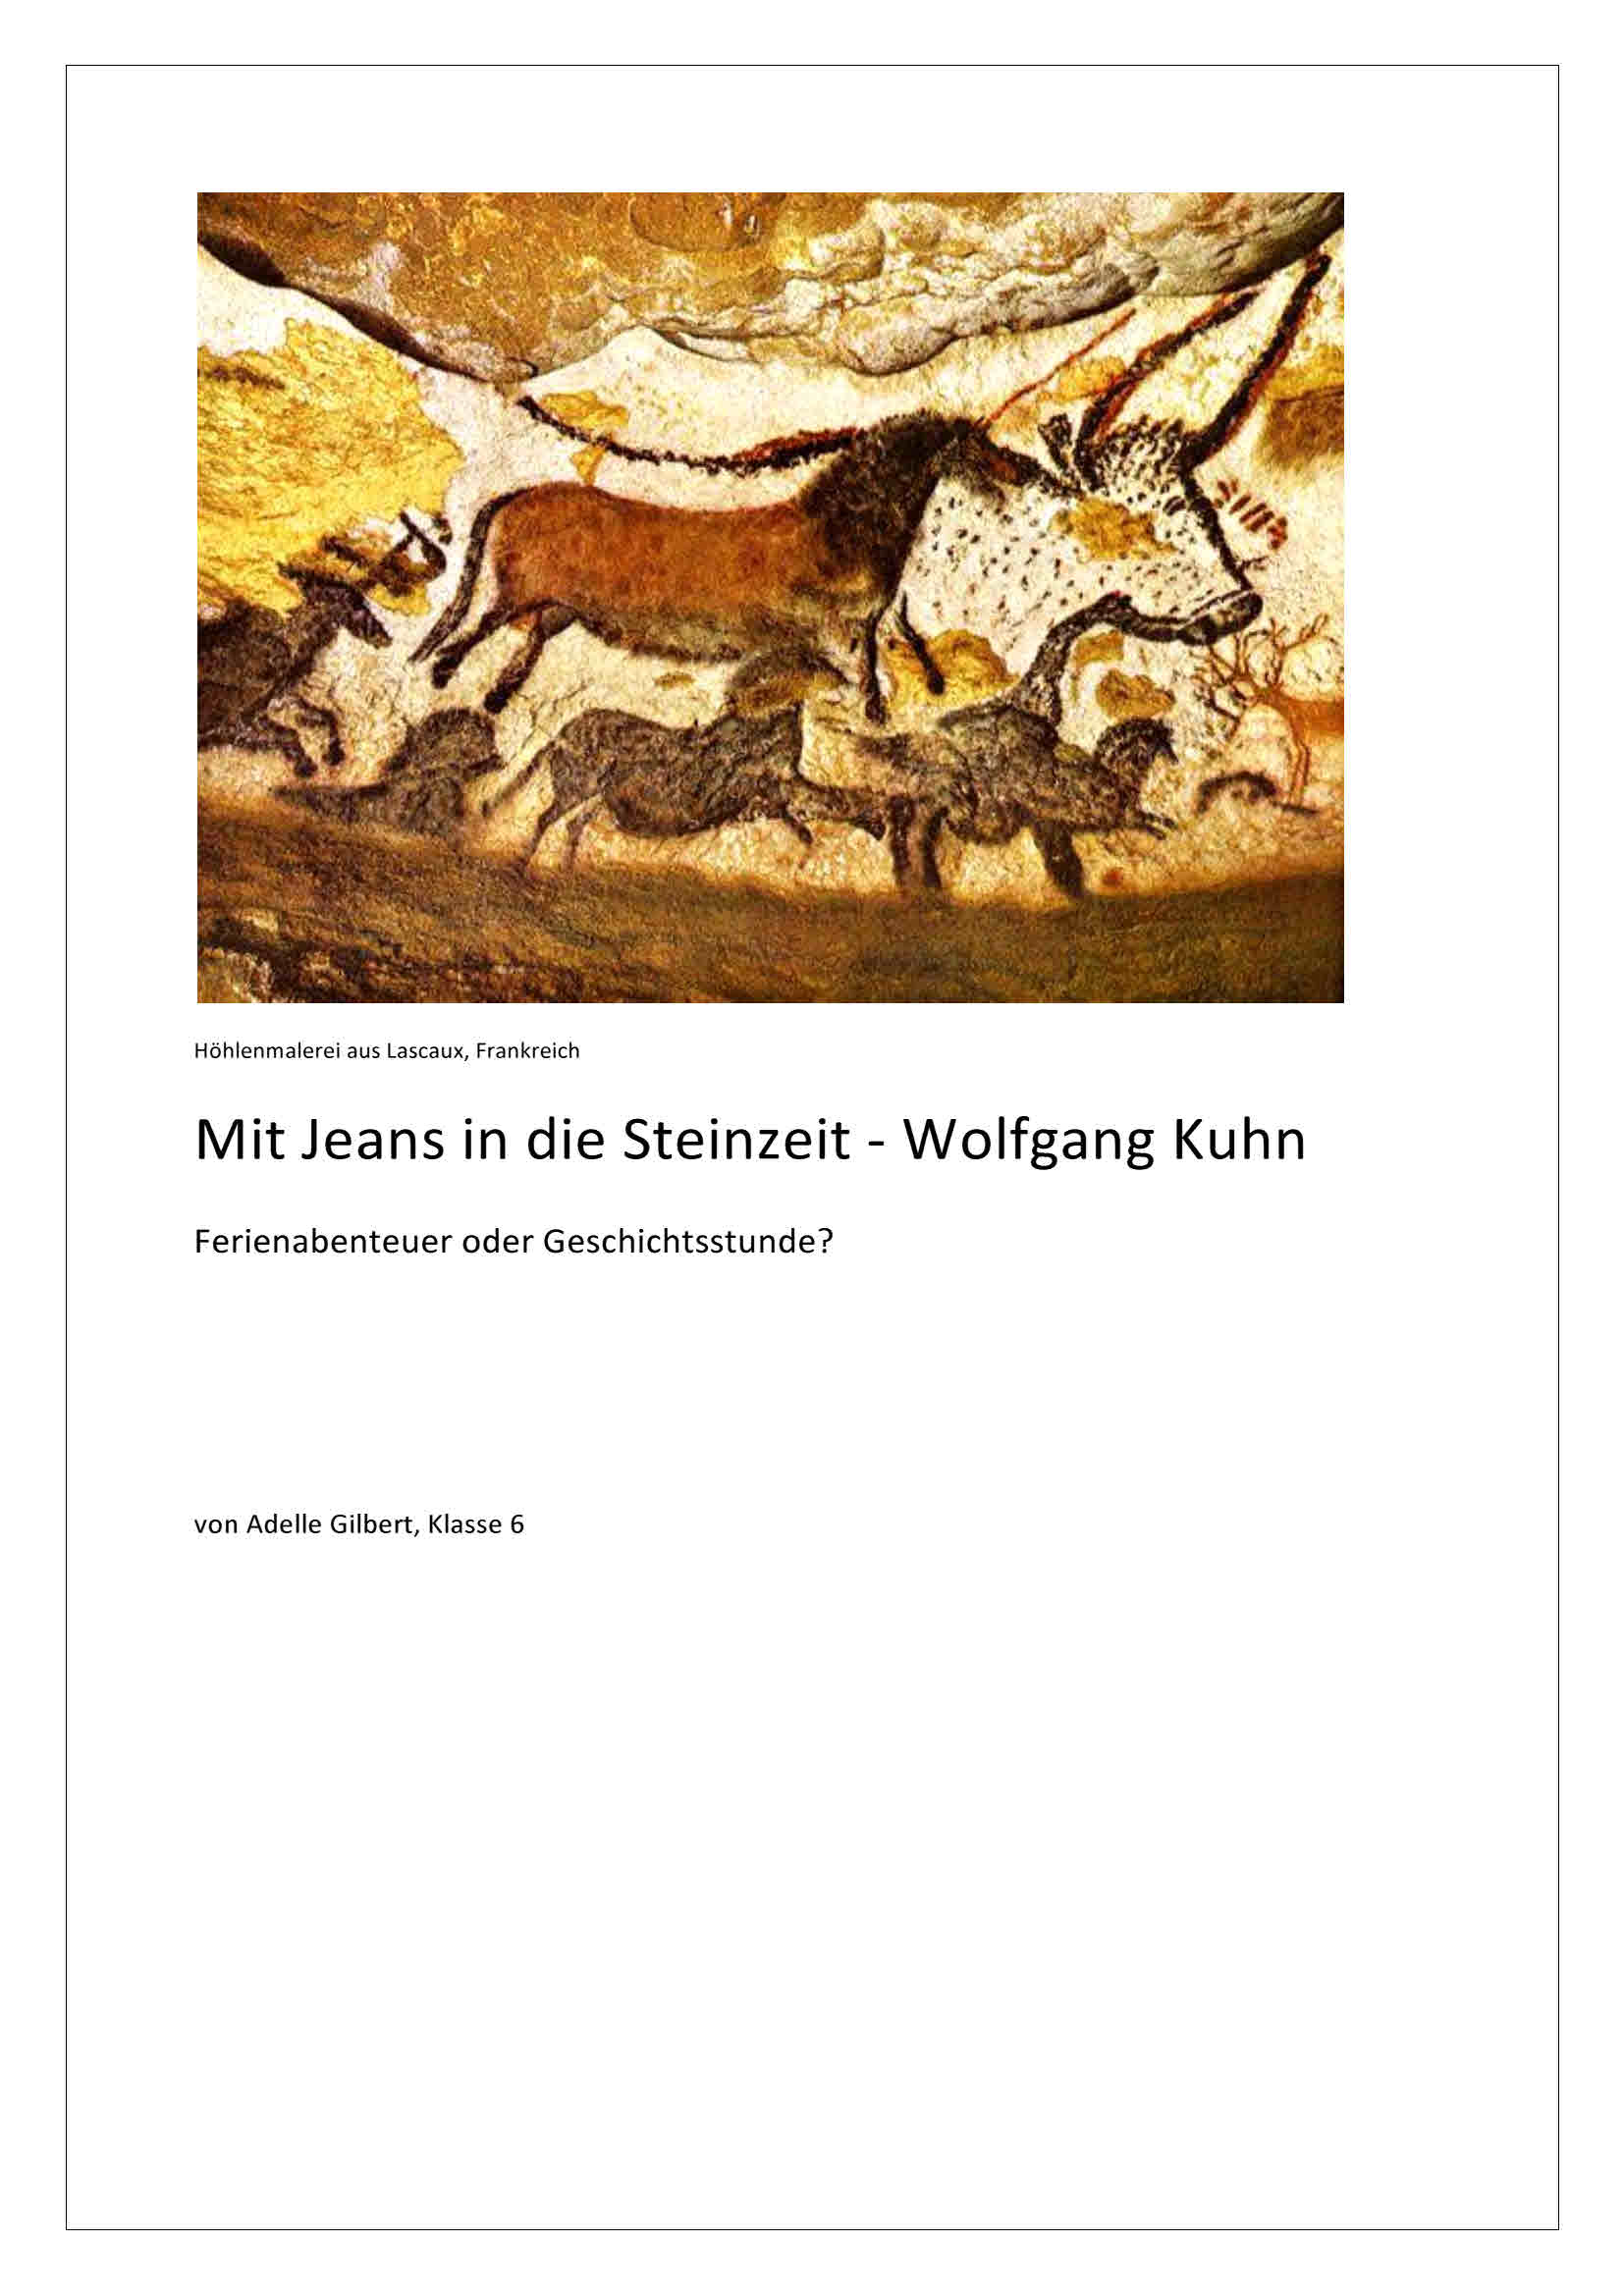 Lesetagebuch - Mit Jeans in die Steinzeit